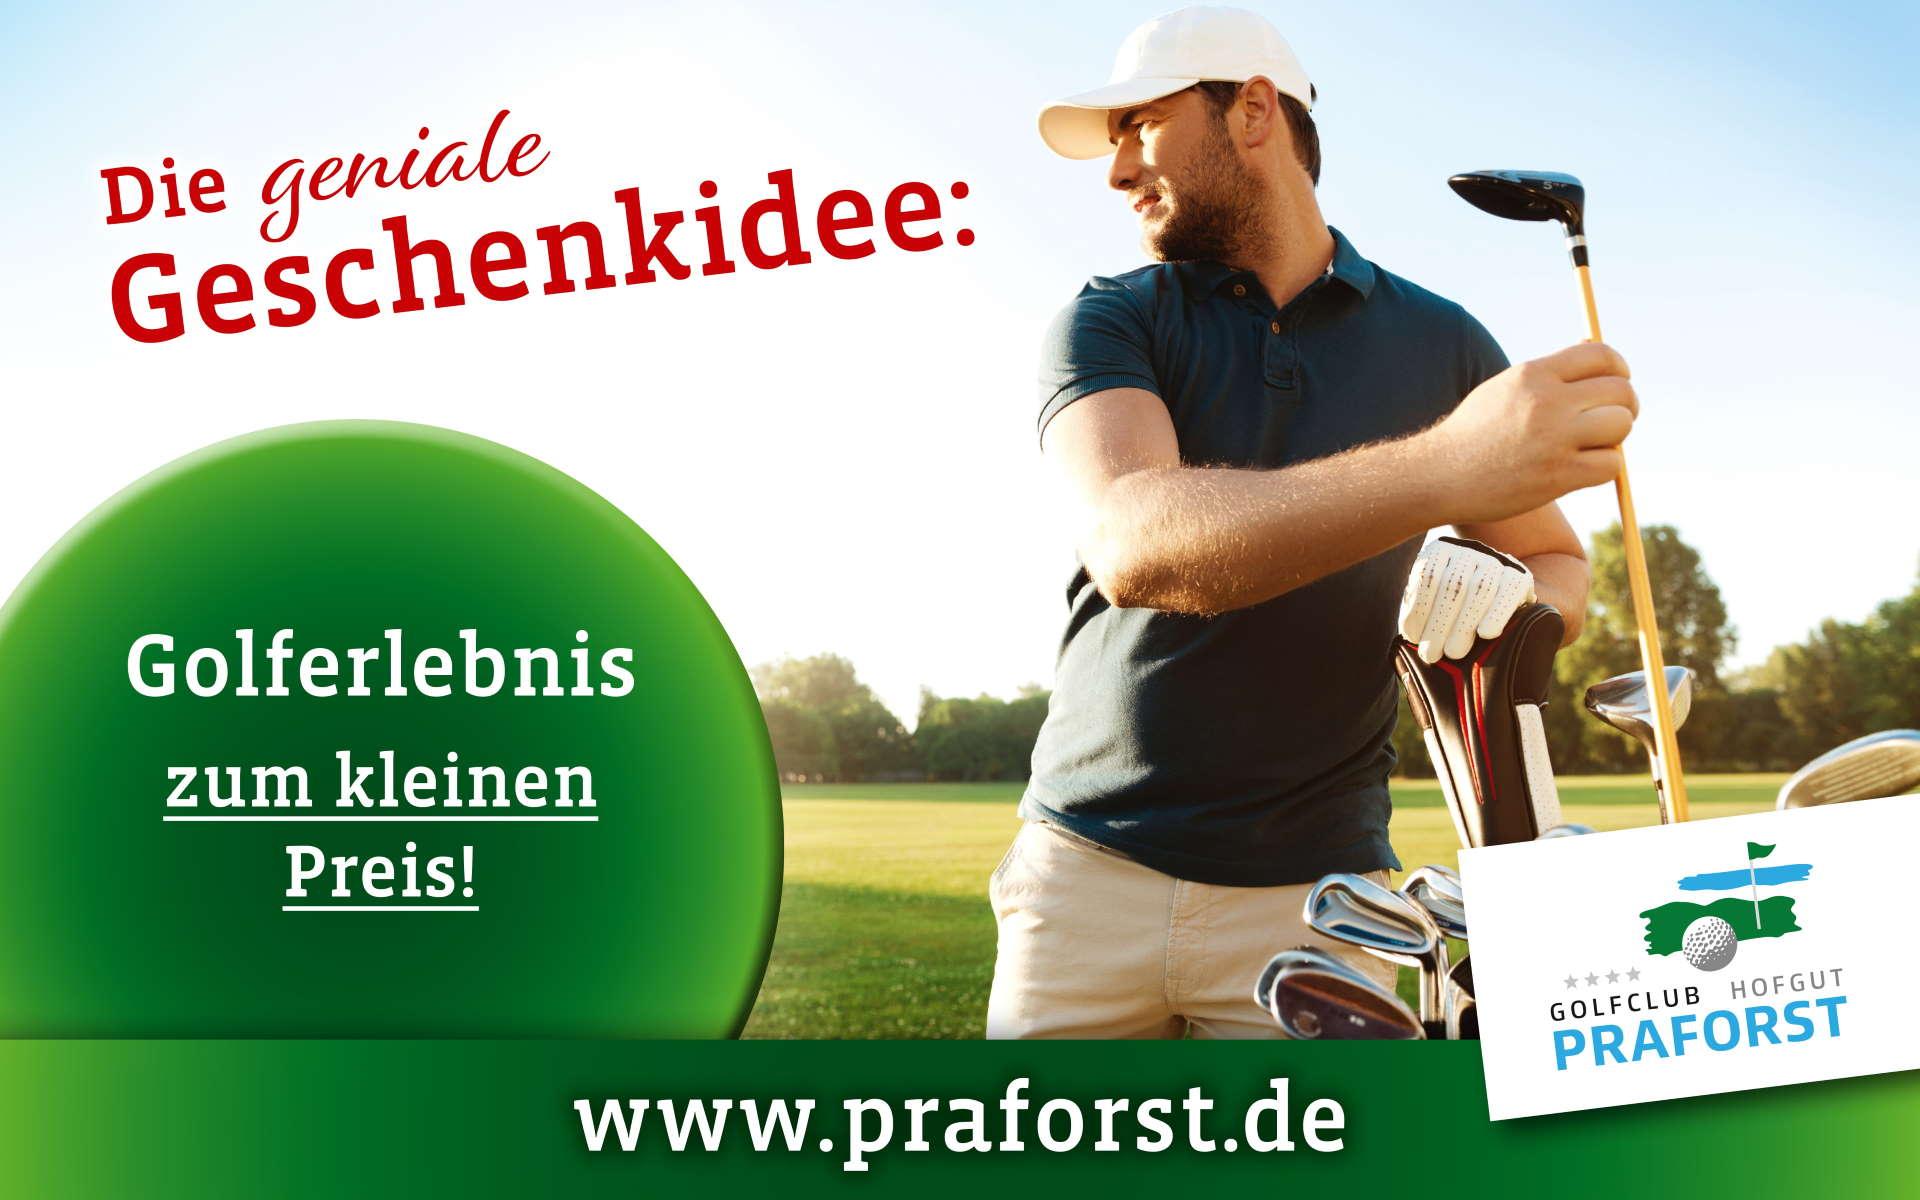 Golfstarter Paket Golfclub Praforst Geschenkidee zum kleinen Preis_web